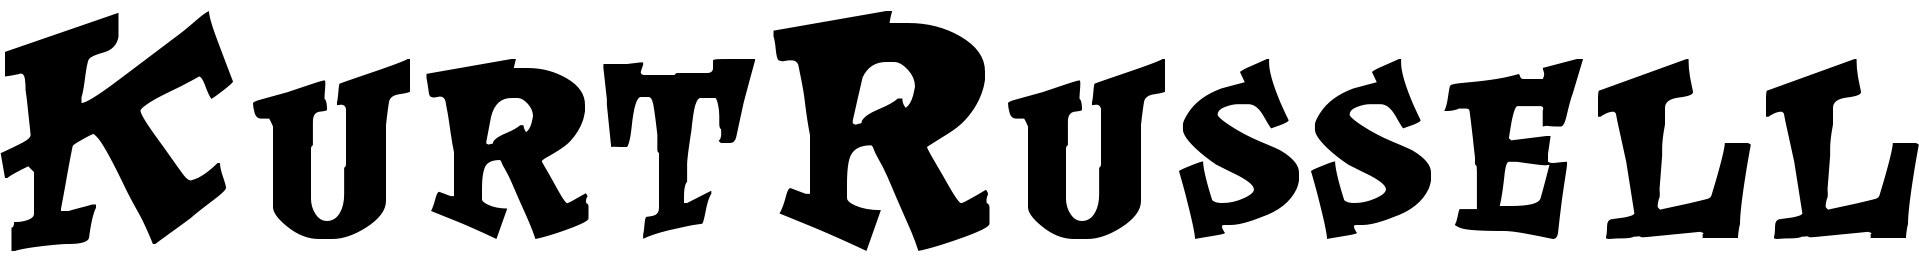 KurtRussell